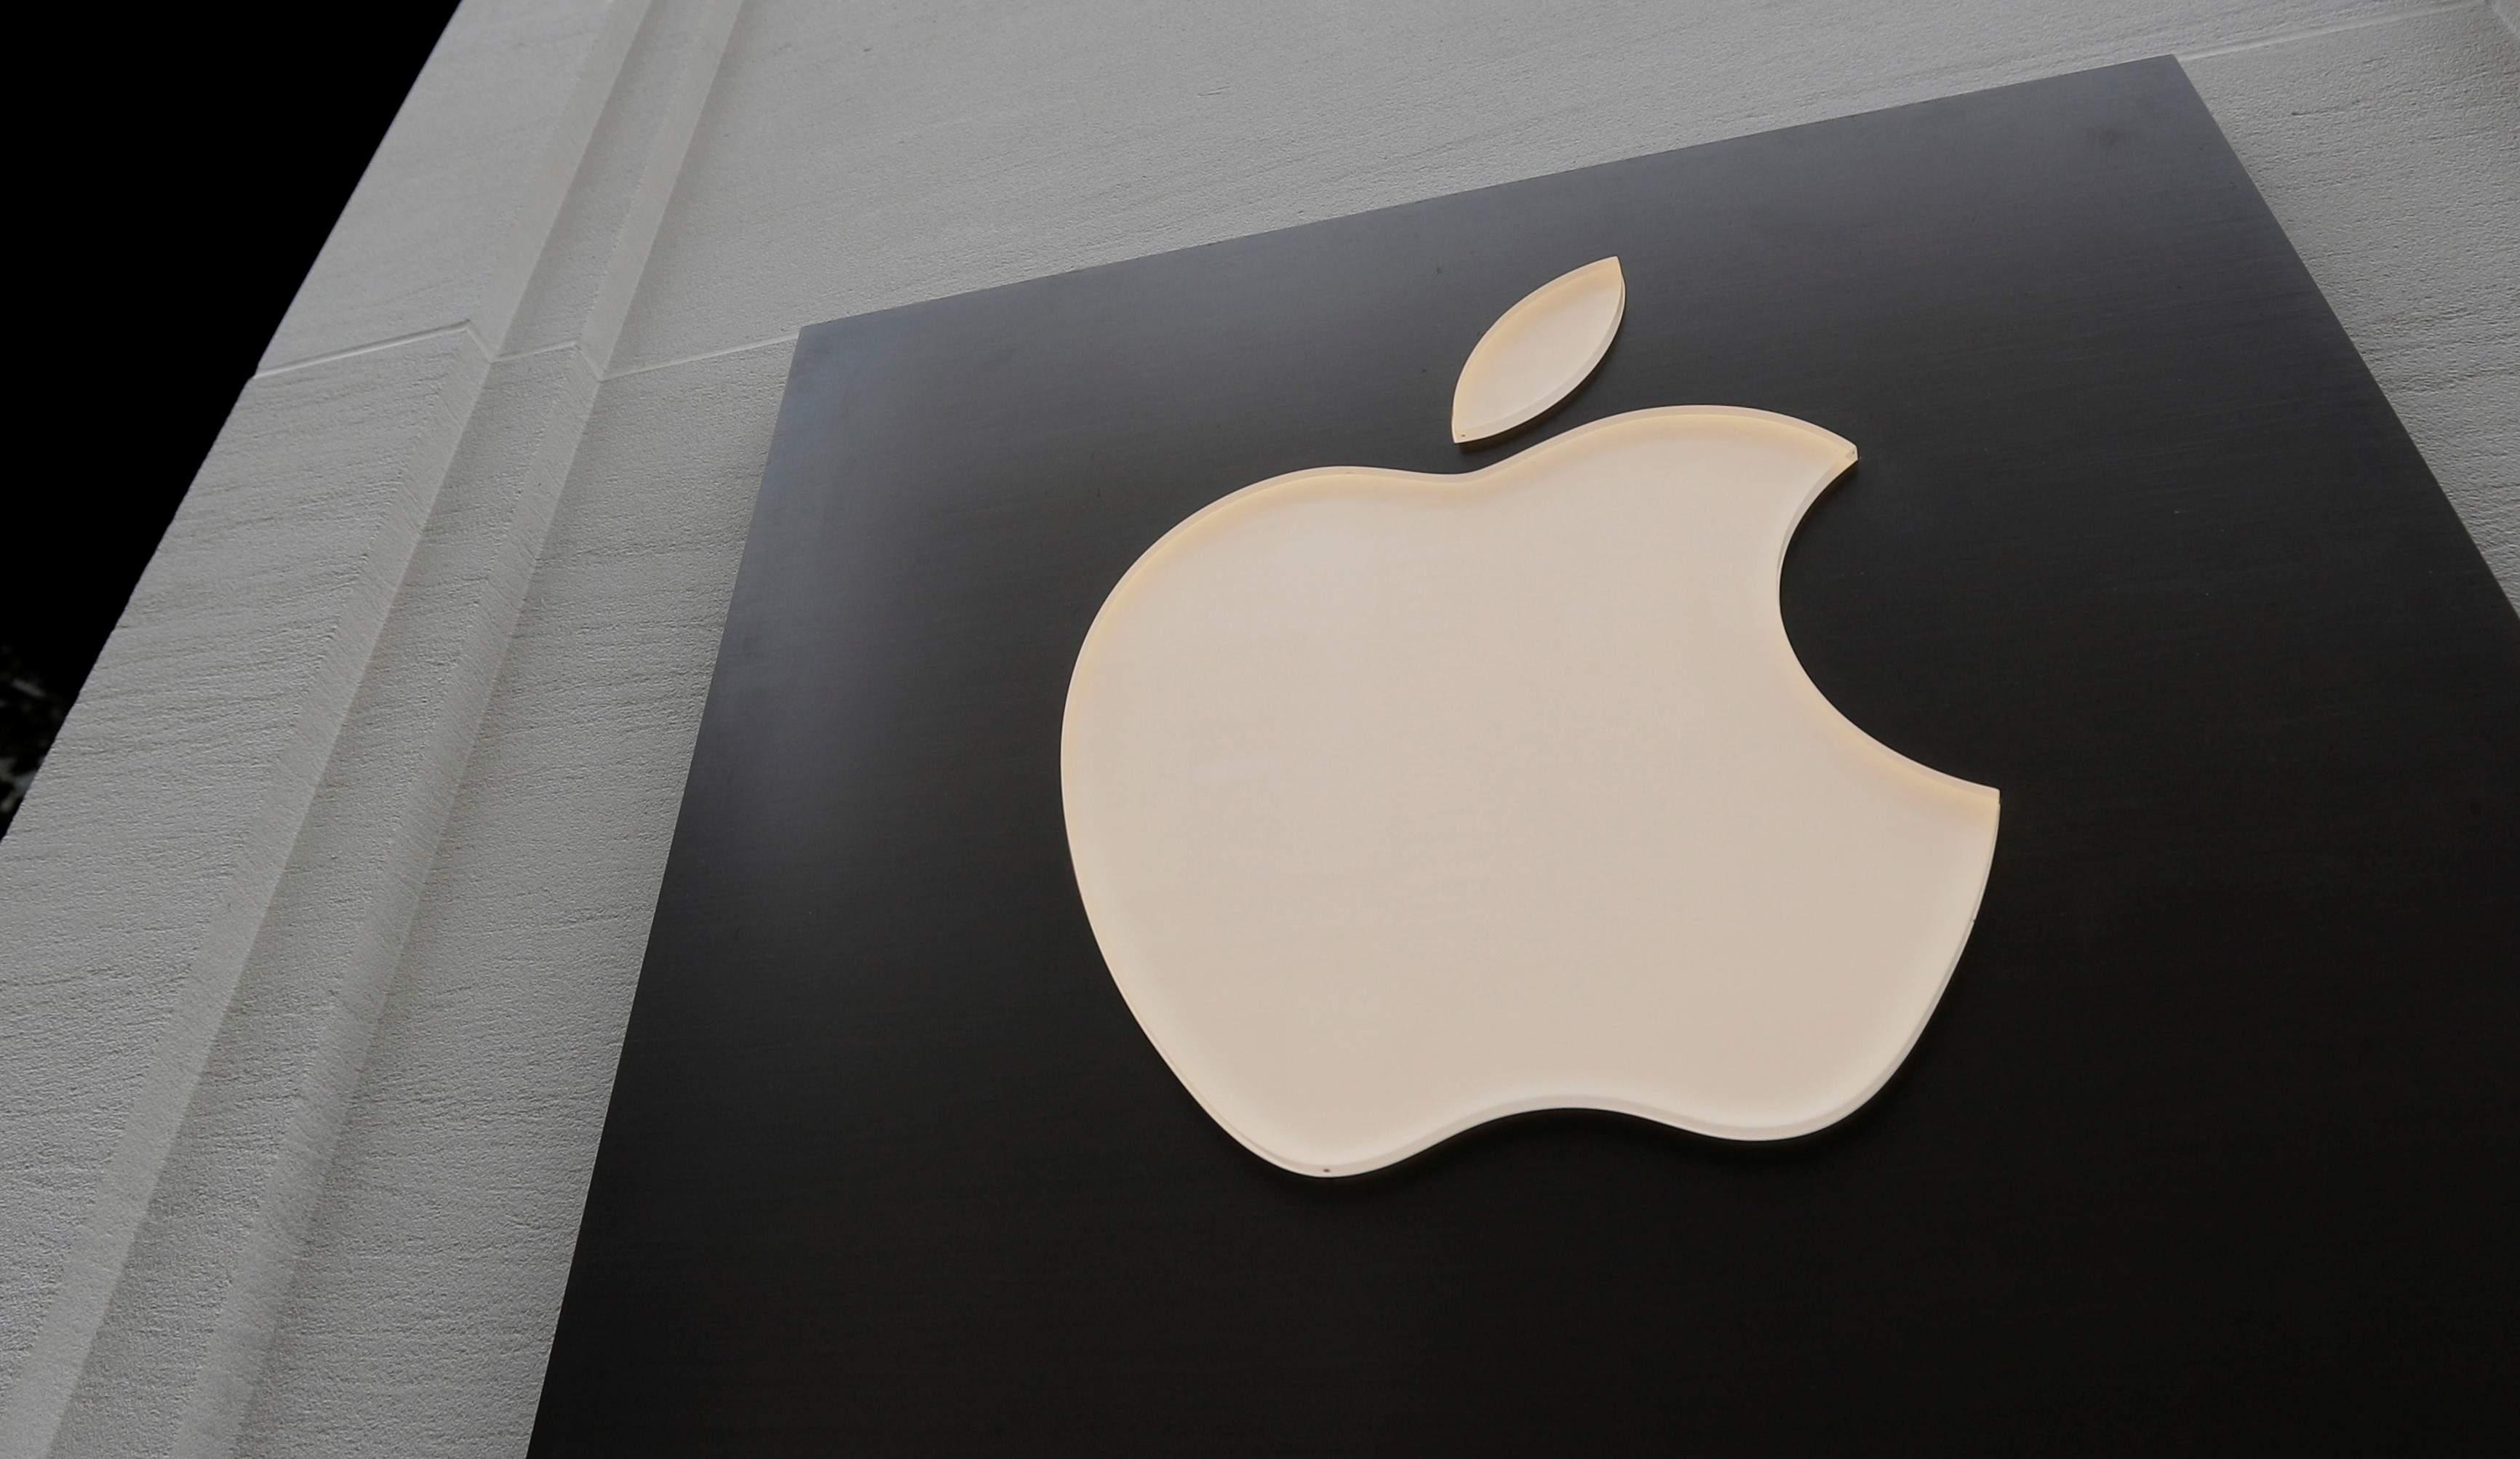 Apple Music supera a Spotify en cifra de suscriptores en EE.UU., según prensa